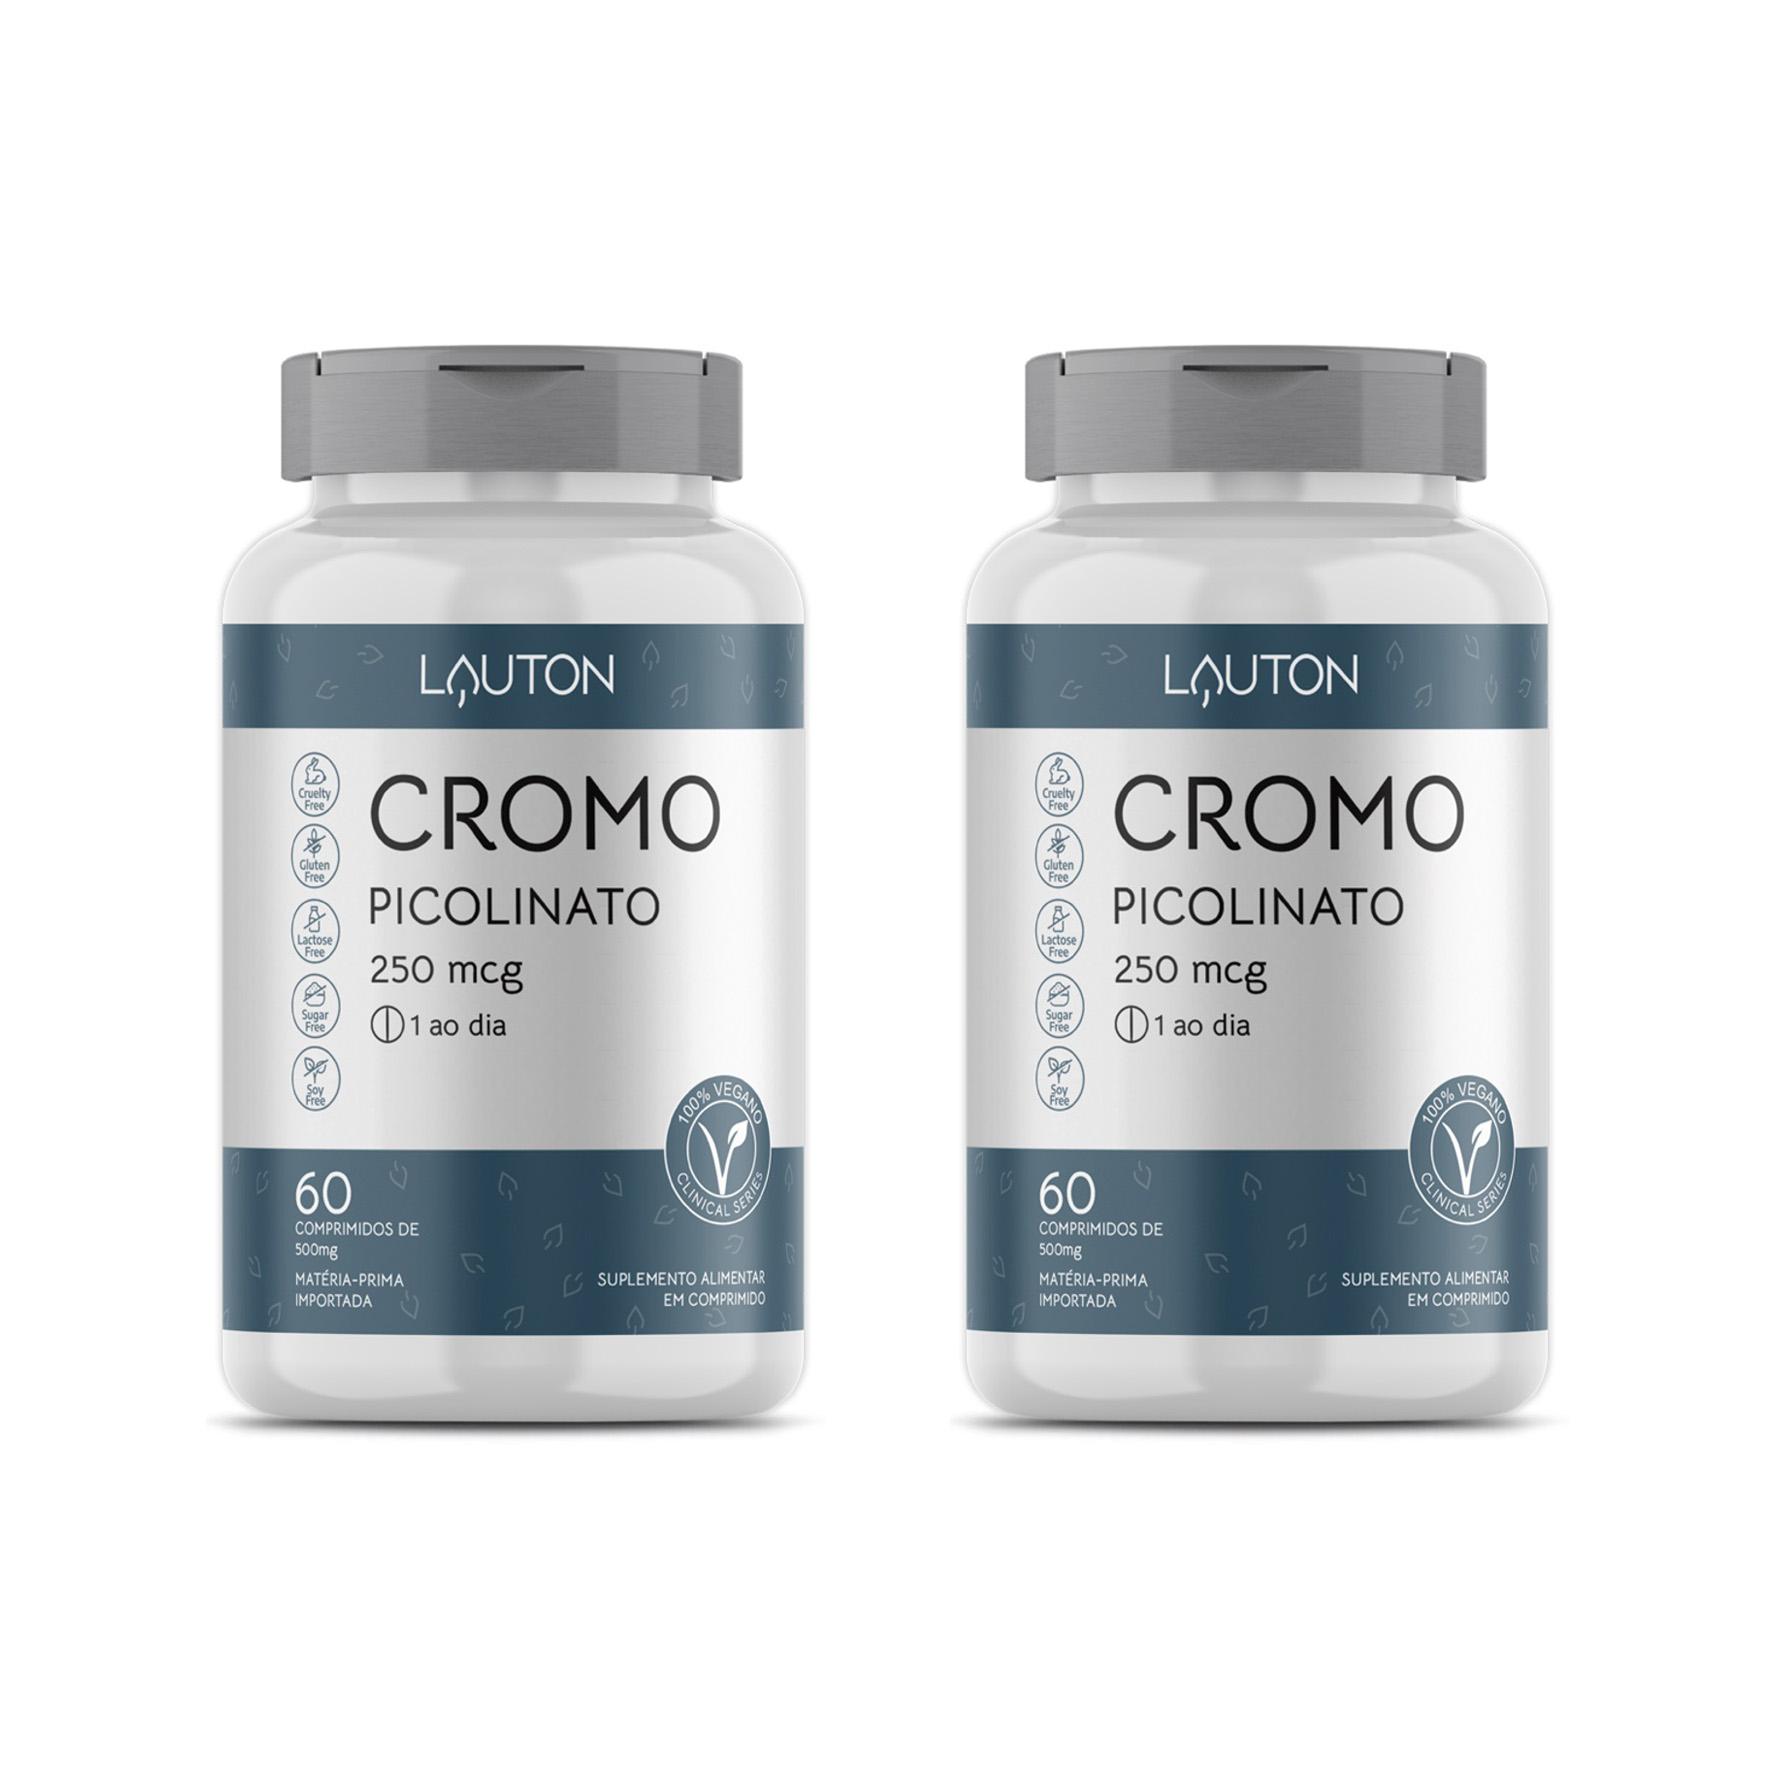 Cromo Picolinato 250mcg - 60 Comprimidos - Lauton Nutrition (2 Unidades)